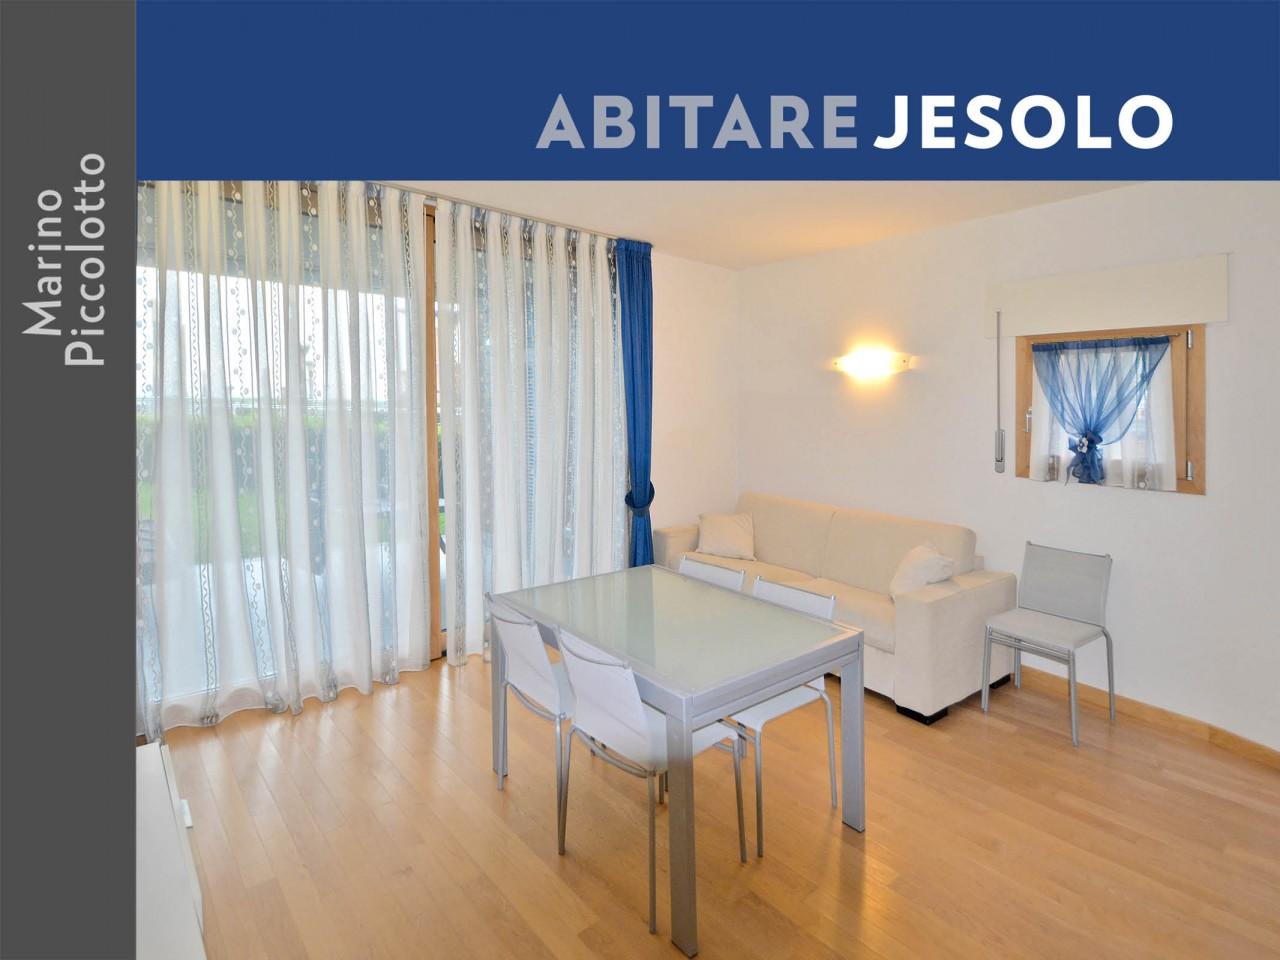 Appartament à vente a Jesolo